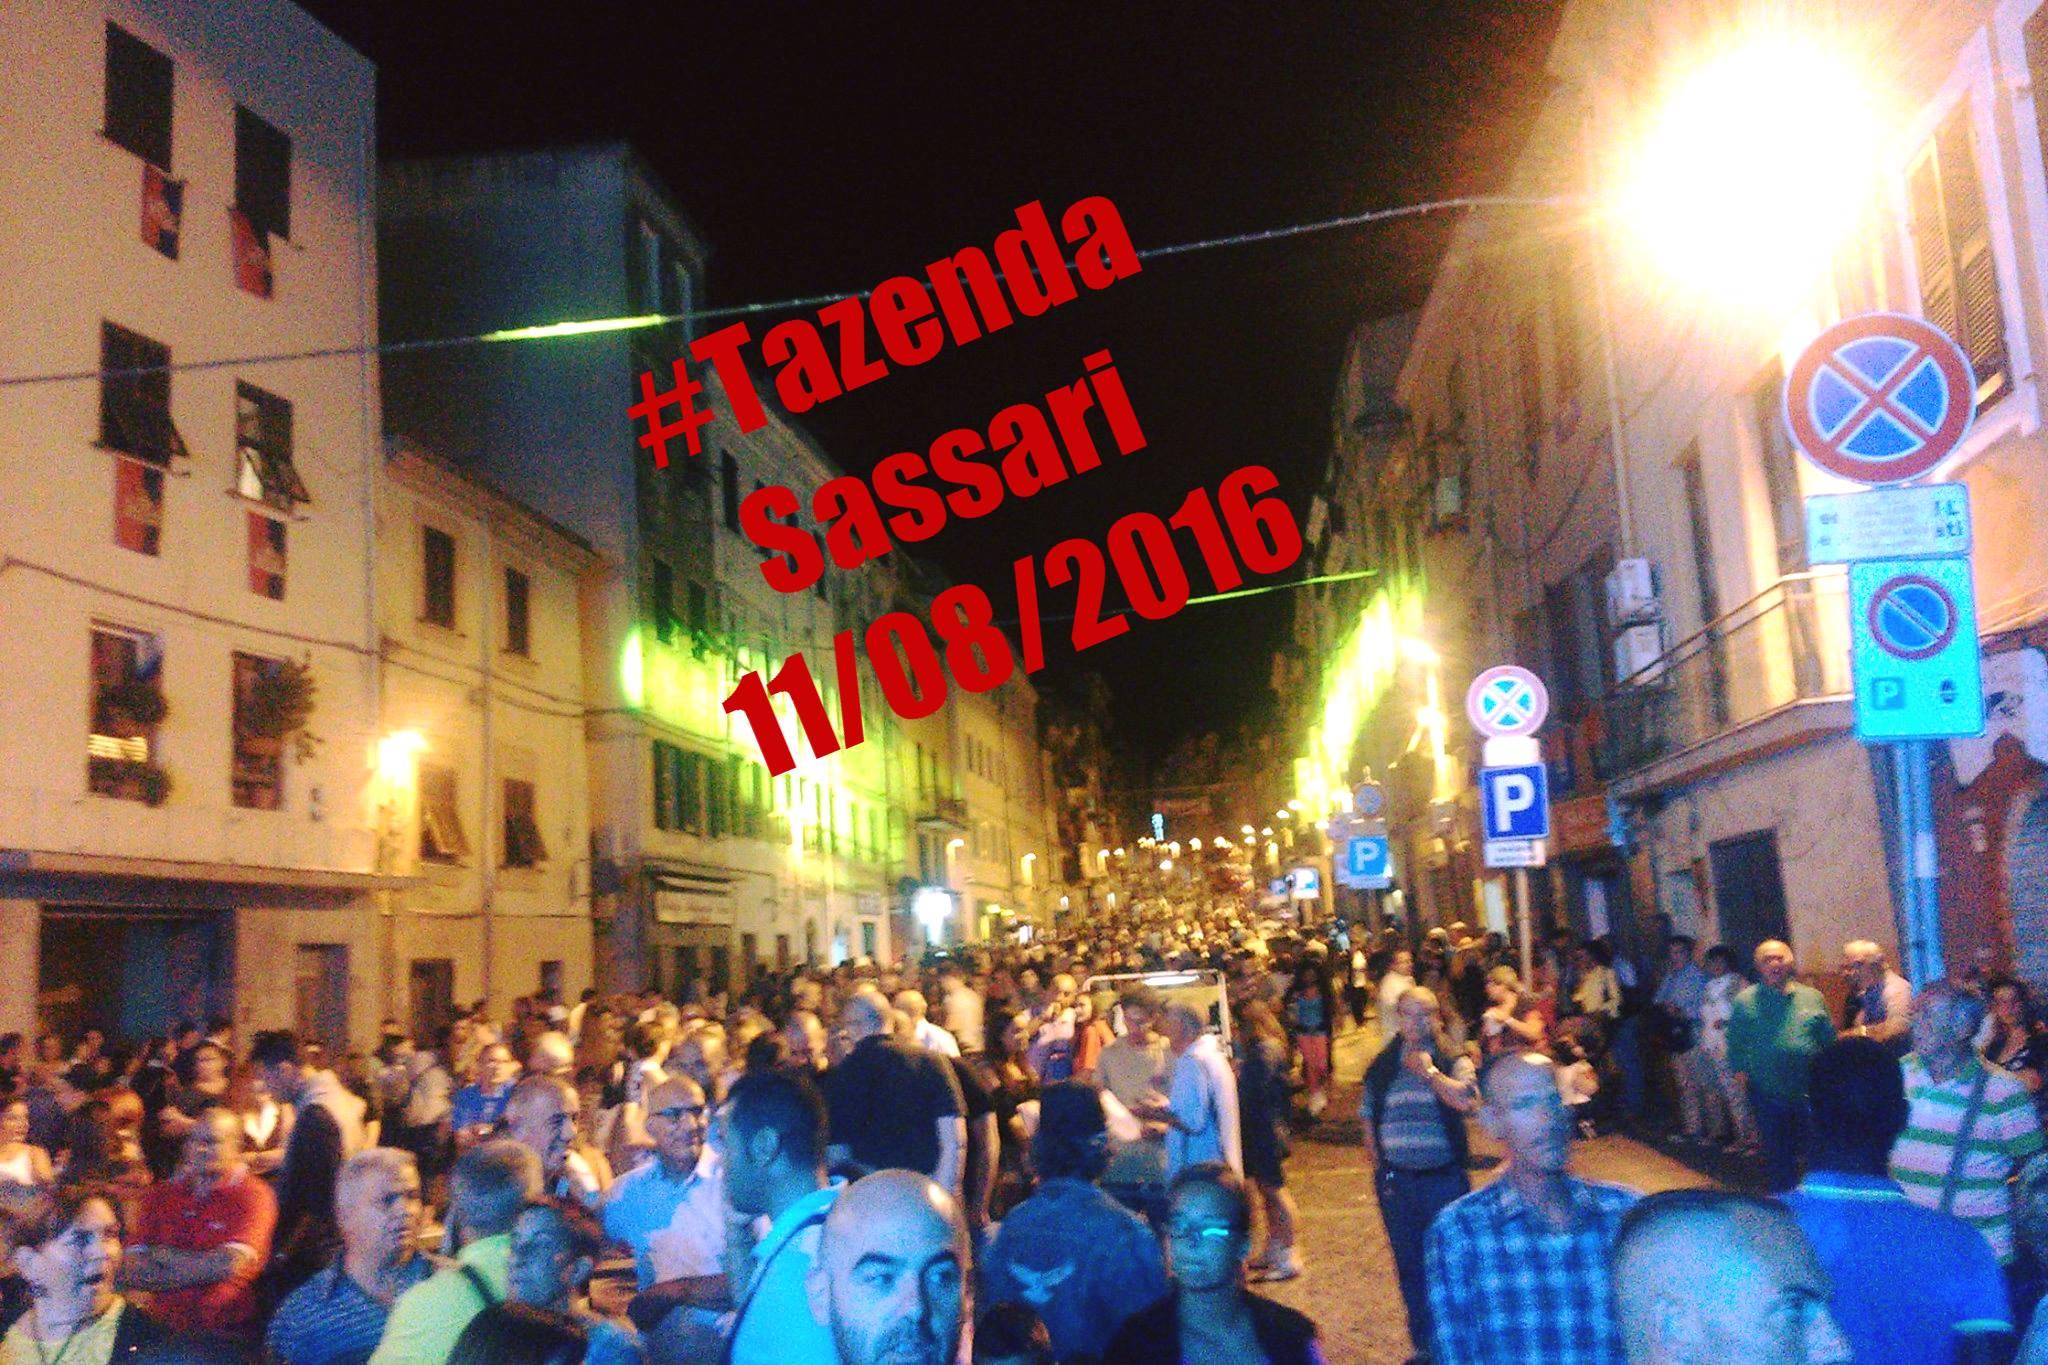 Tazenda Concerto a Sassari 8 agosto 2016 corso Vittorio Emanuele